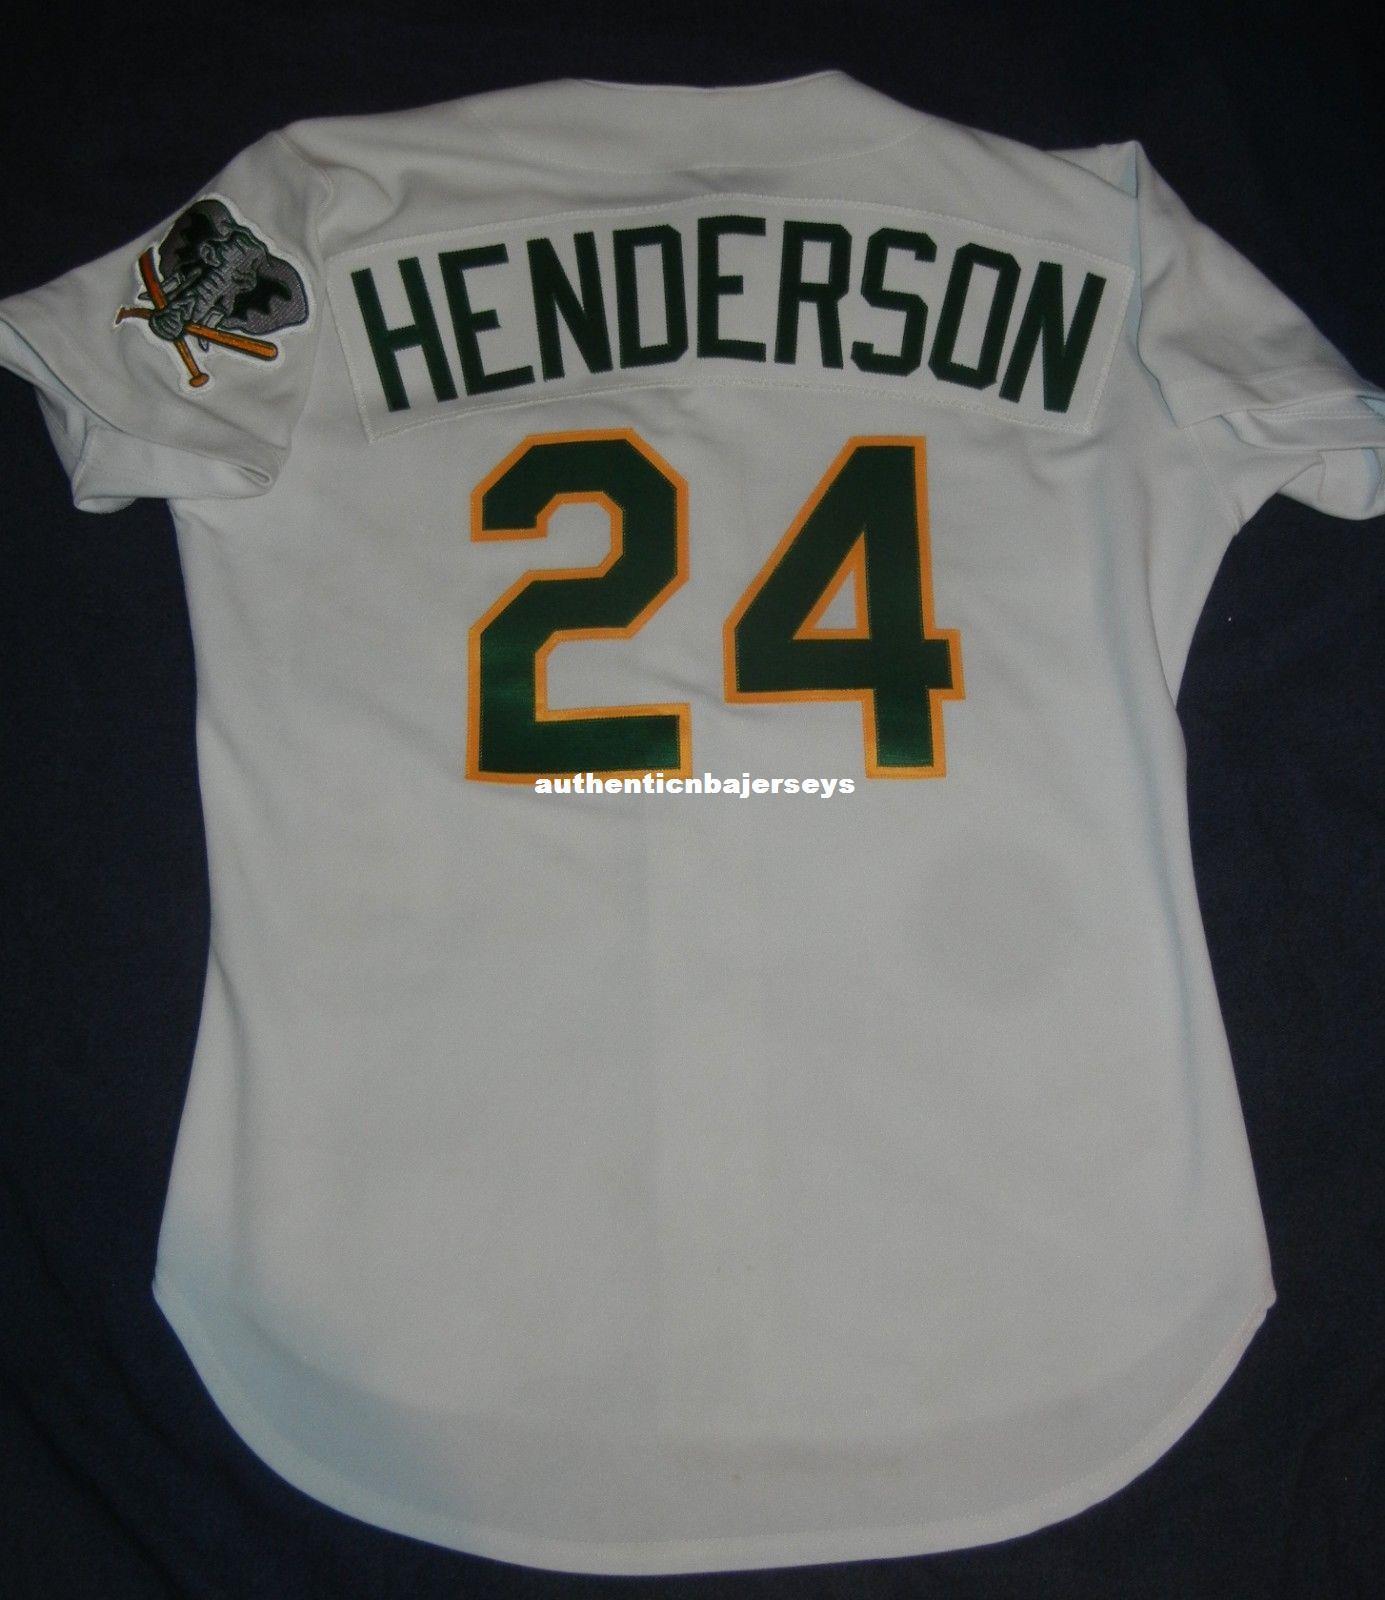 Дешевые ретро #24 Рики Хендерсон топ Рассел Окленд Джерси мужские сшитые бейсбольные майки